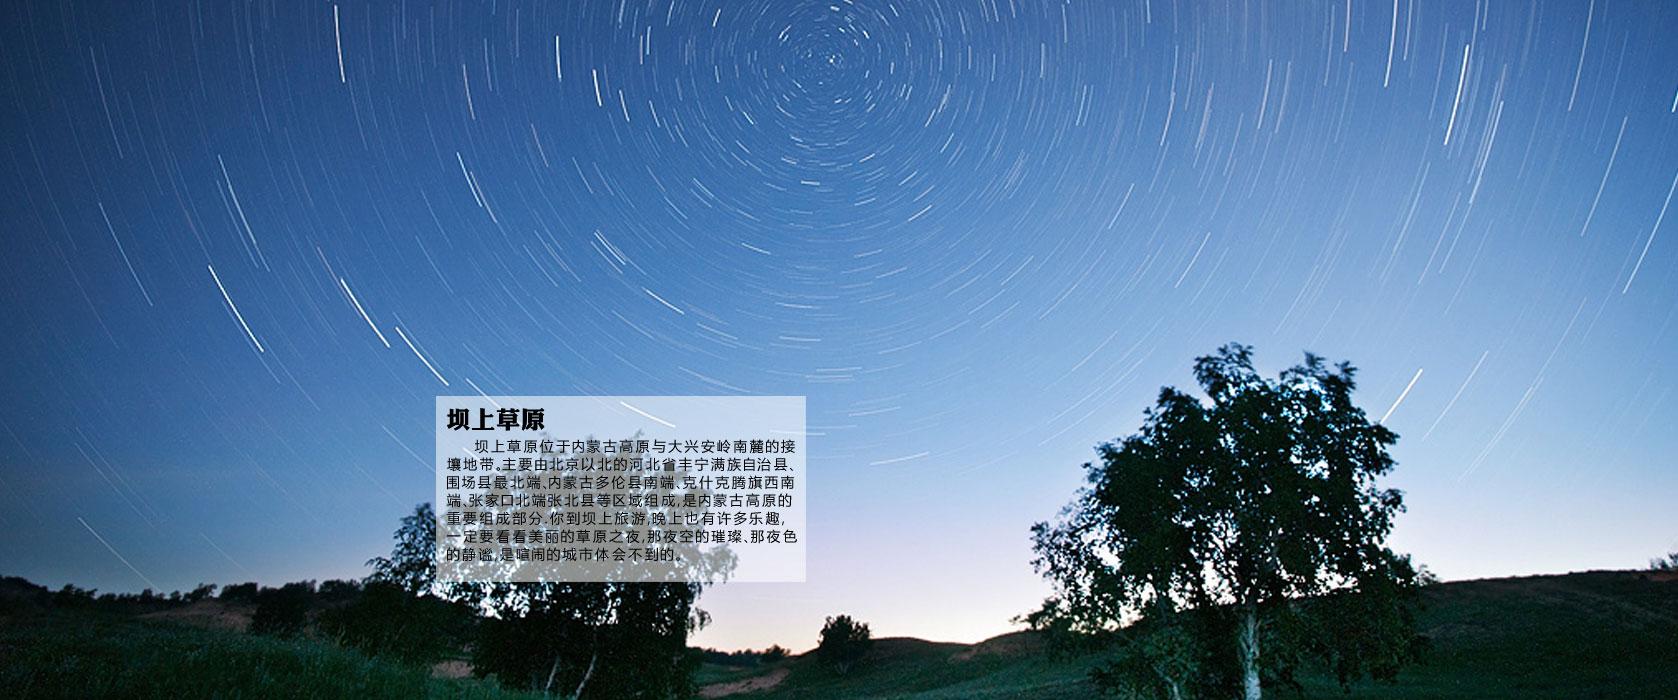 中国最美观星地